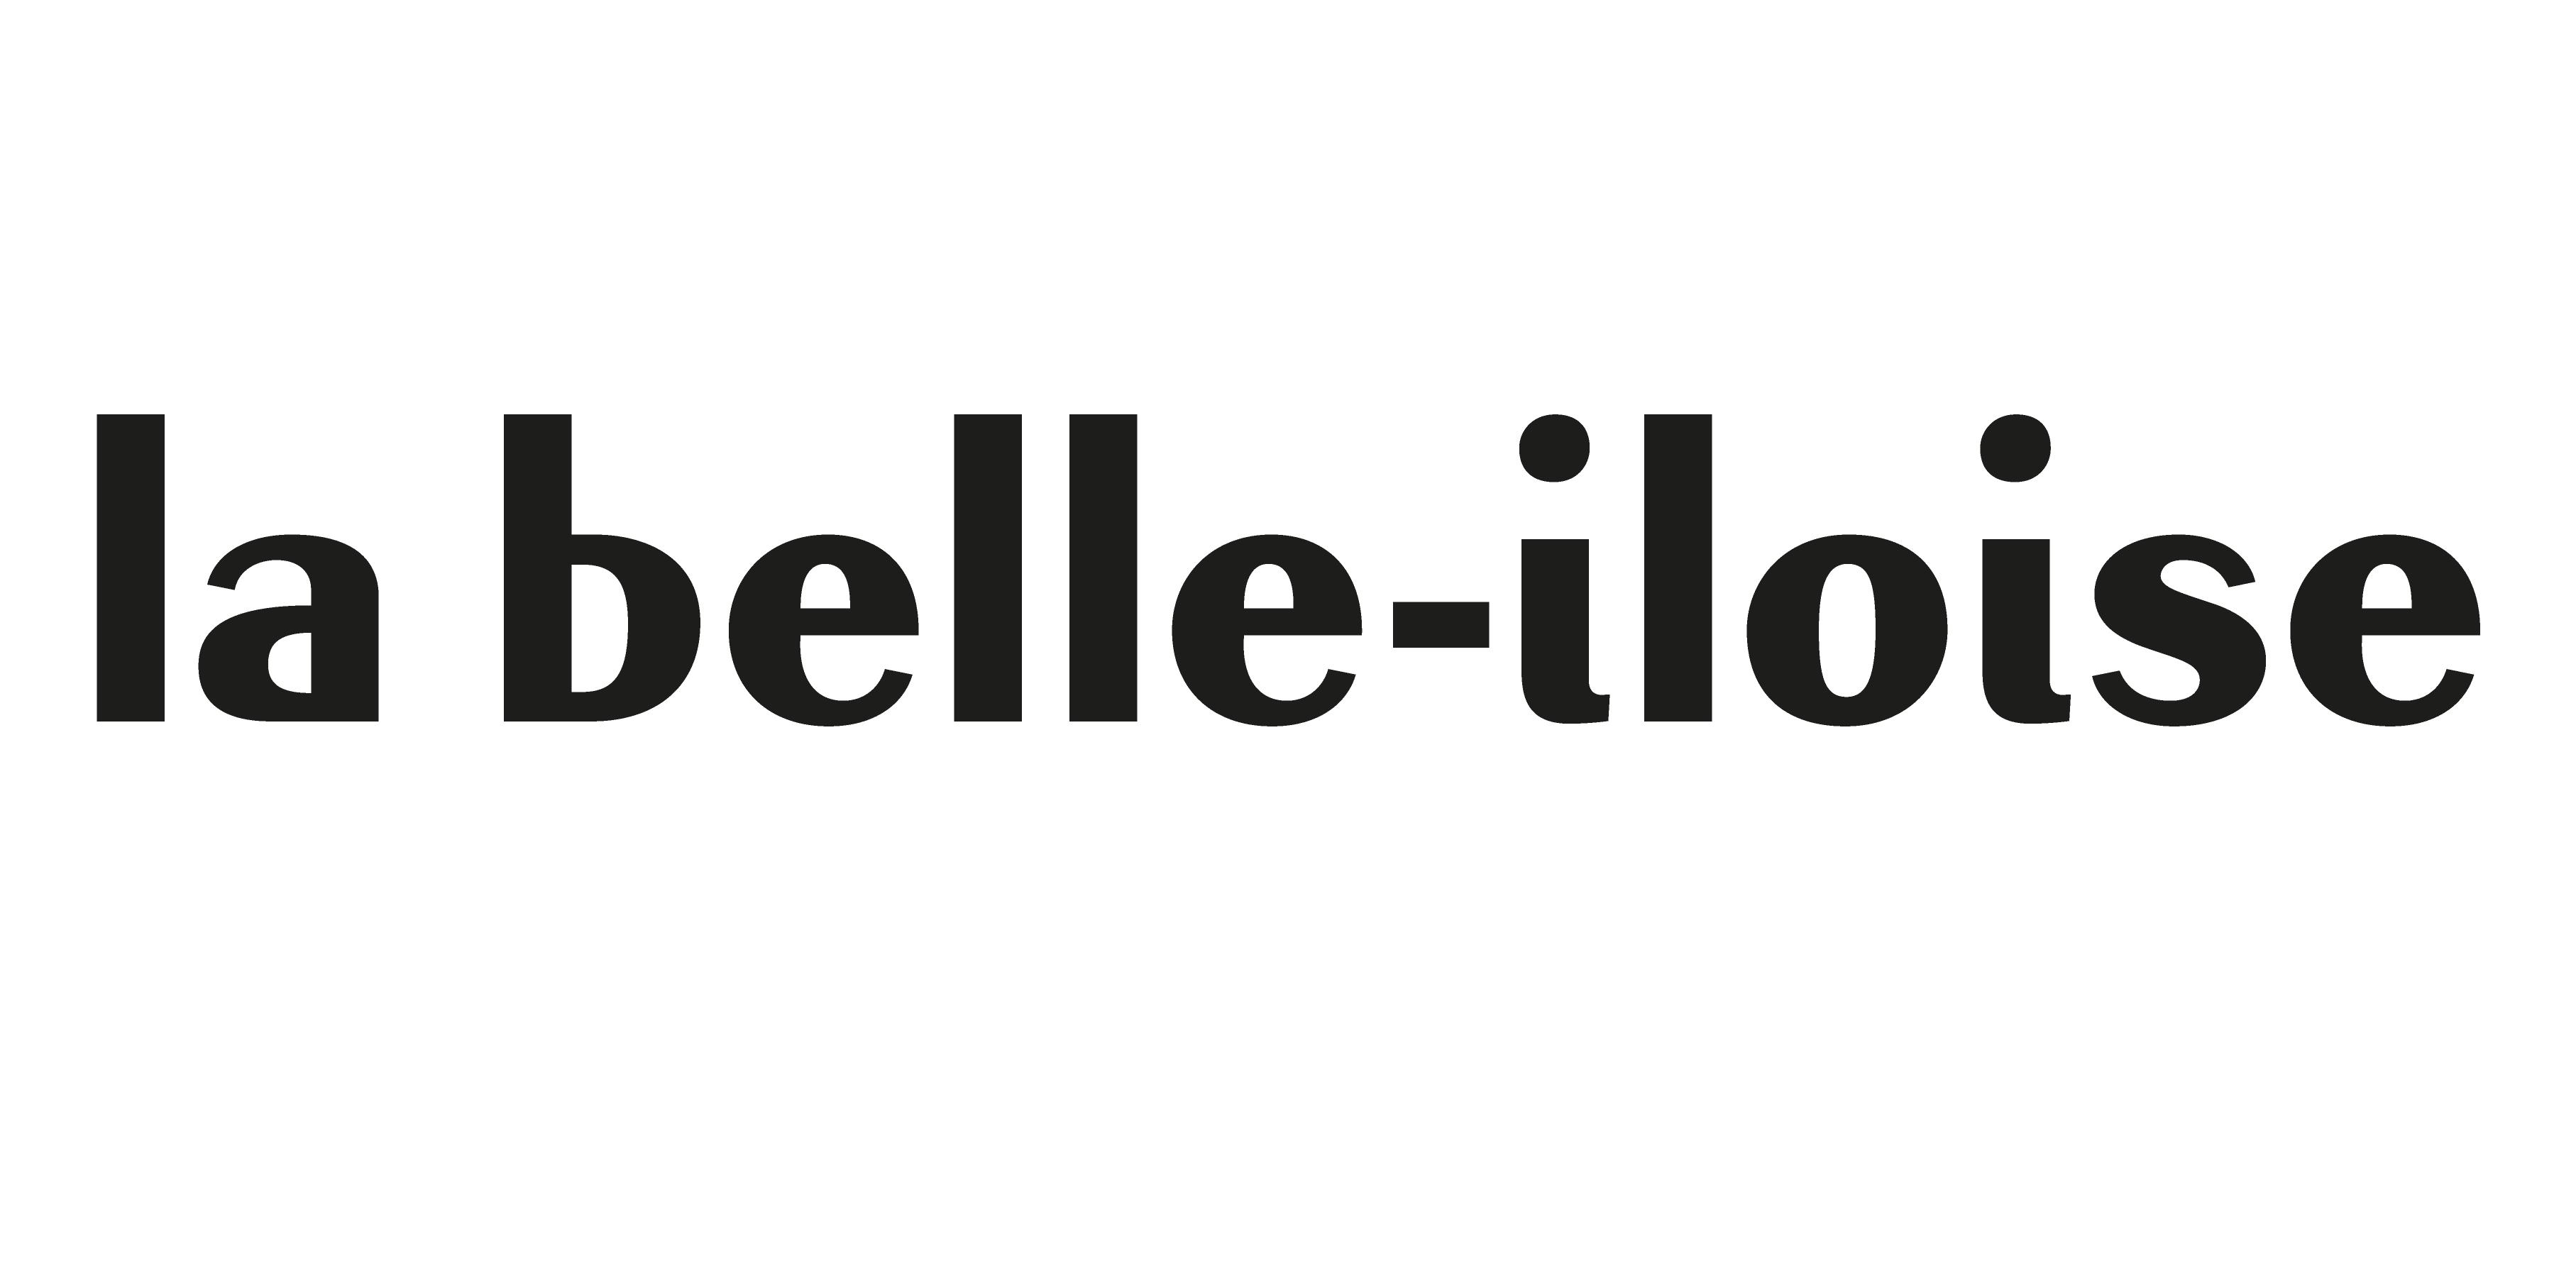 La Belle Iloise